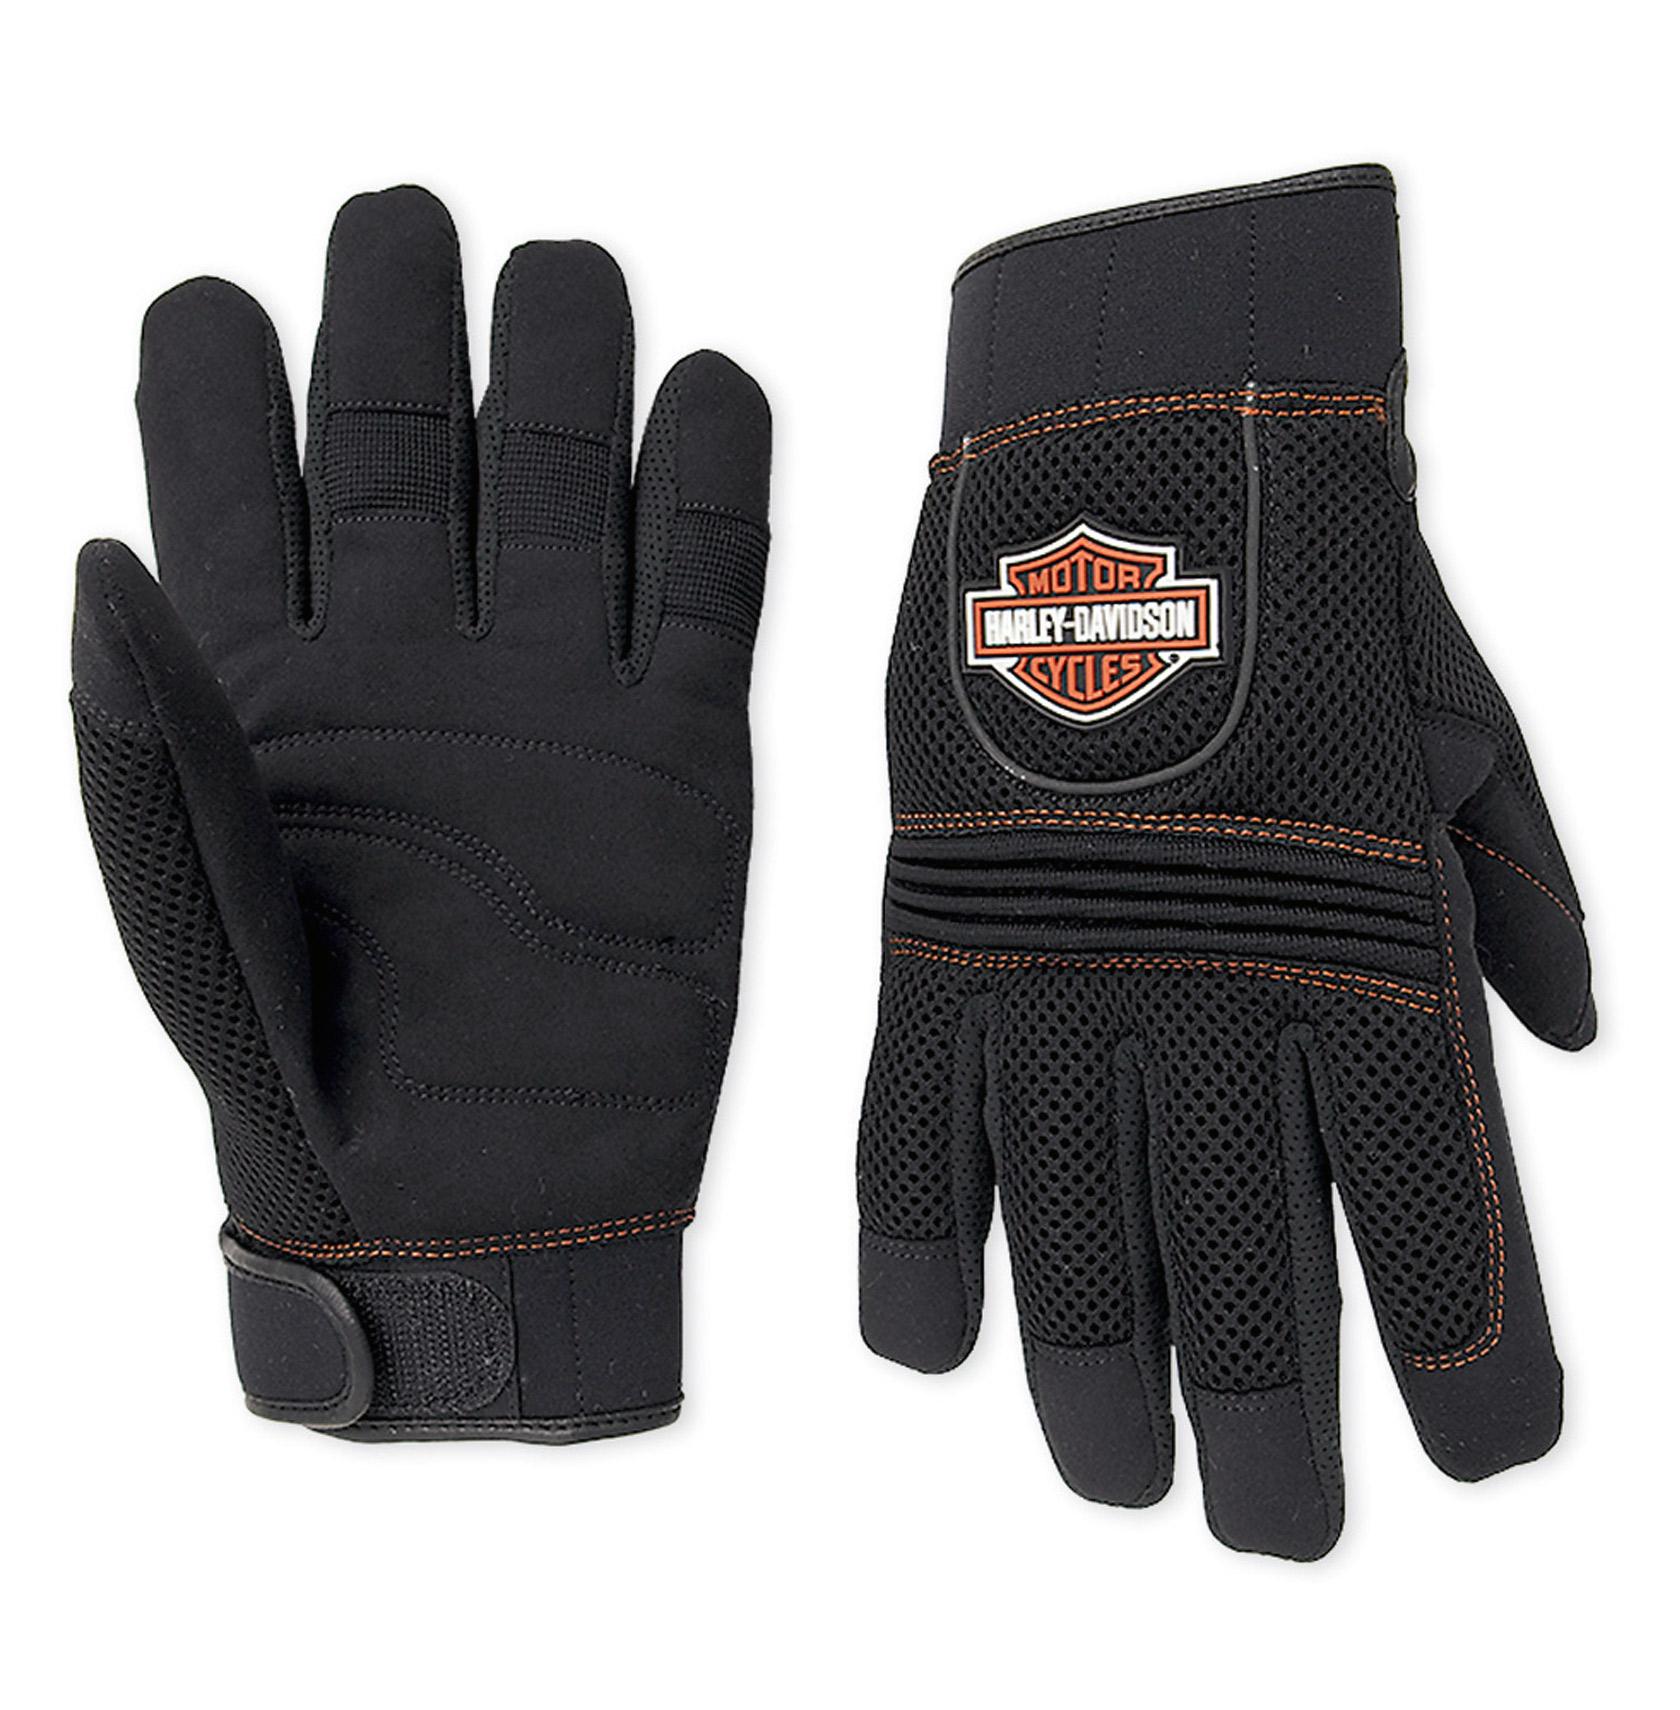 98263 07vm harley davidson handschuhe mesh full finger im. Black Bedroom Furniture Sets. Home Design Ideas